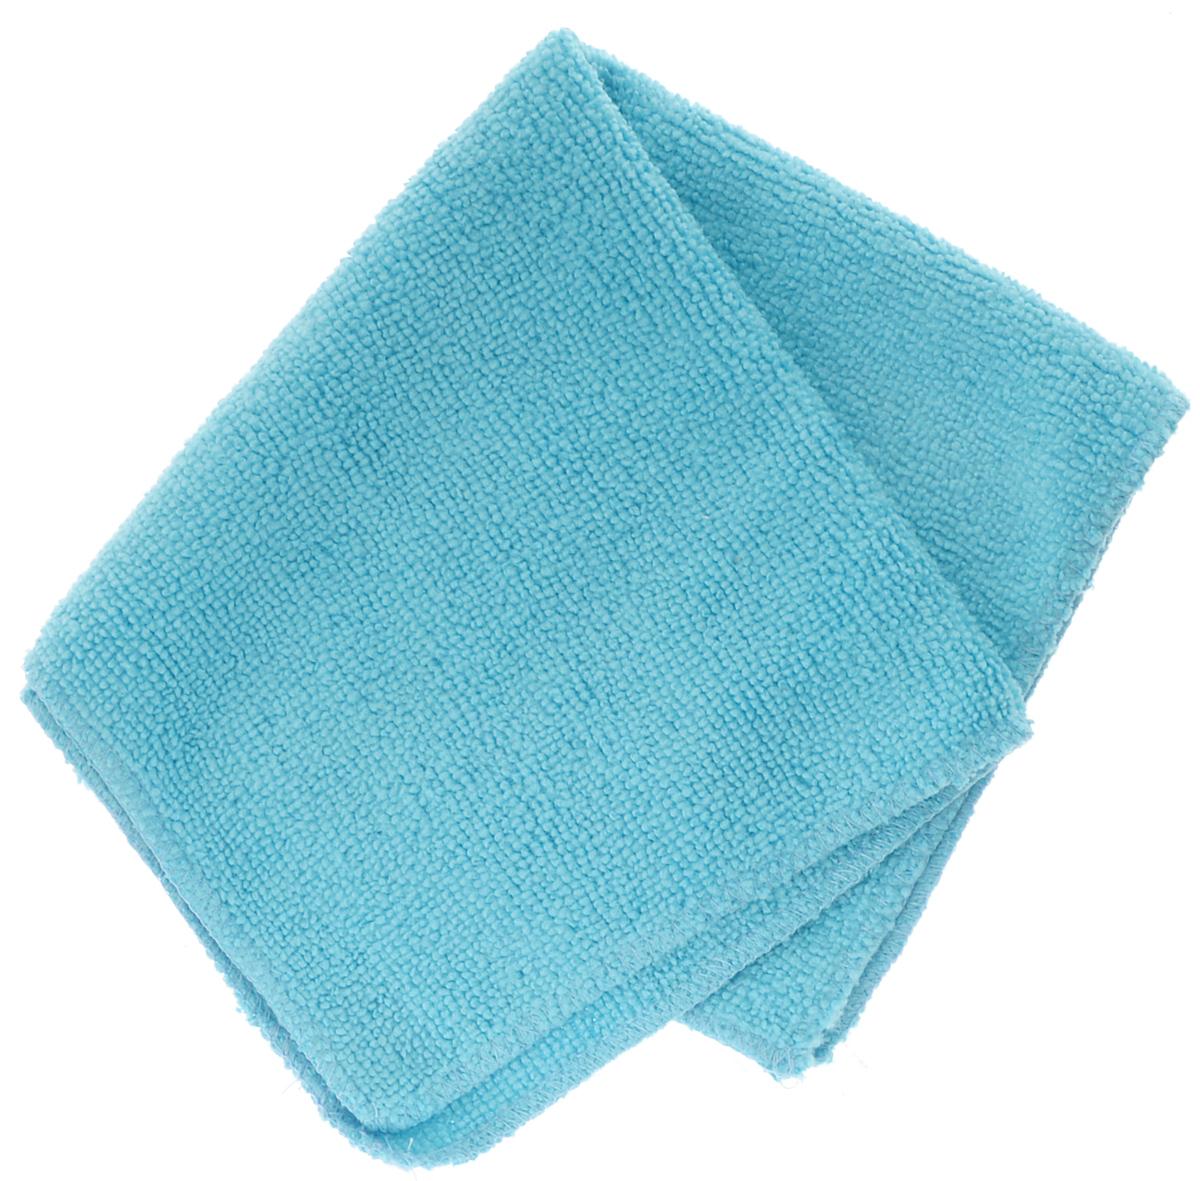 Салфетка автомобильная EvaAuto, универсальная , цвет: голубой, 30 х 30 см3024-SFMУниверсальная автомобильная салфетка EvaAuto, выполненная из микрофибры, идеально подходит для уборки. В сухом виде применяется для вытирания пыли и легких загрязнений, во влажном - для удаления загрязнений с любых поверхностей без применения моющих средств. Не оставляет разводов и ворсинок, полностью впитывает влагу. Сохраняет эффект даже после многократных стирок. Размер салфетки: 30 см х 30 см.